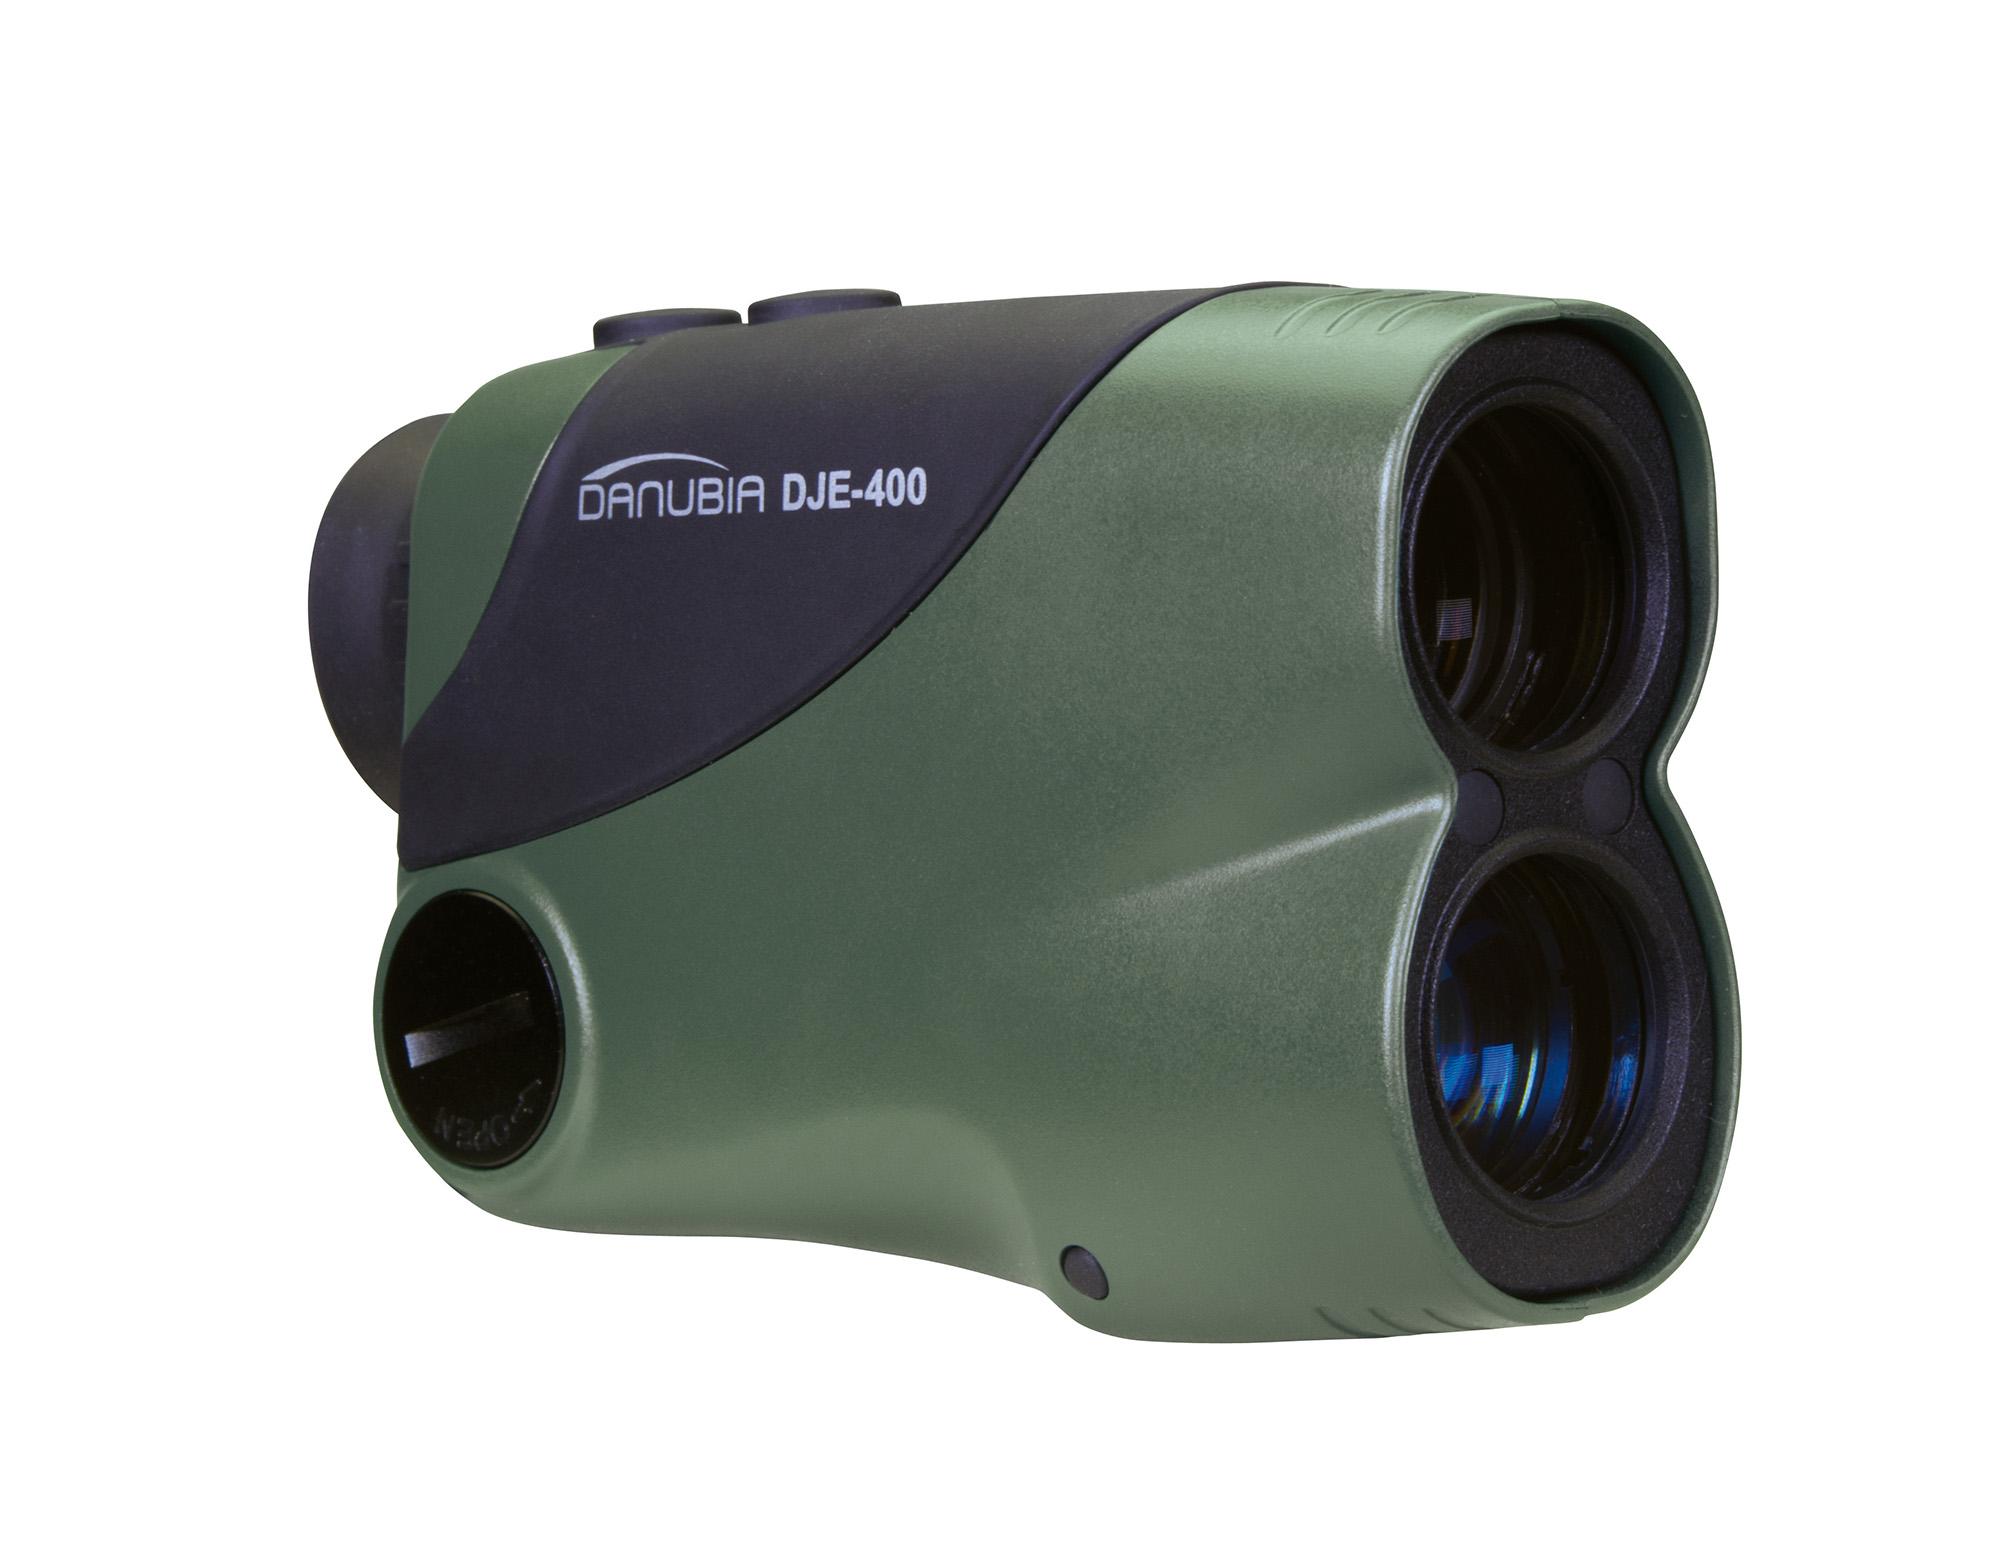 Entfernungsmesser Jagd Bushnell : Bushnell entfernungsmesser fusion mile arc